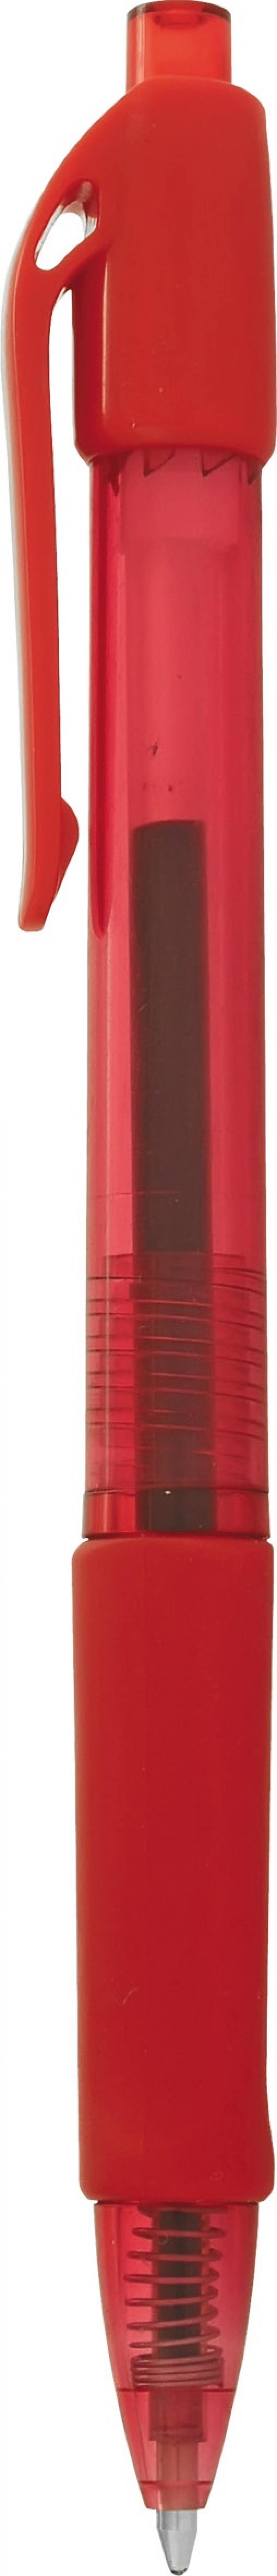 Шариковая ручка автоматическая Index IBP602/RD красный 0.7 мм IBP602/RD шариковая ручка автоматическая index vinson красный 0 7 мм ibp416 rd ibp416 rd